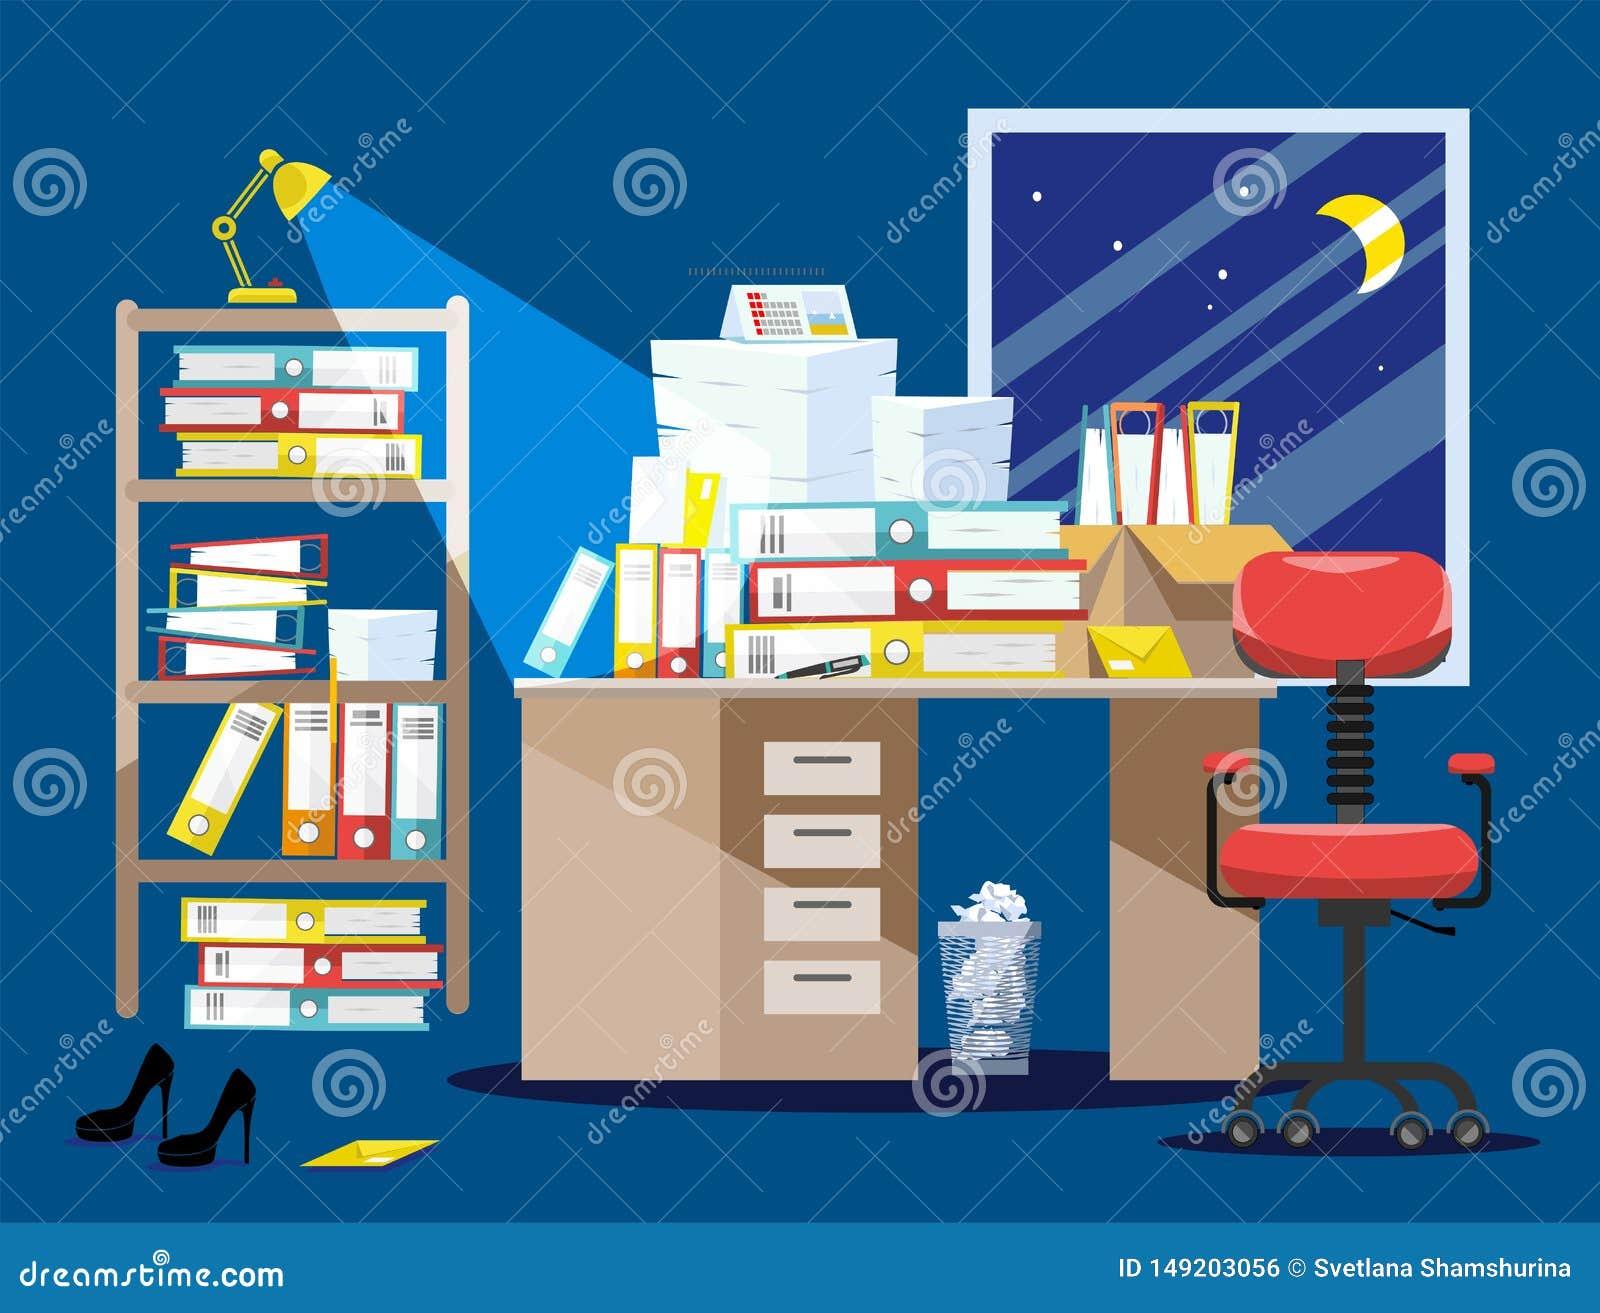 Период Nitht бухгалтеров и представления отчетах о финансиста Куча печатных документов и папок файла в картонных коробках дальше